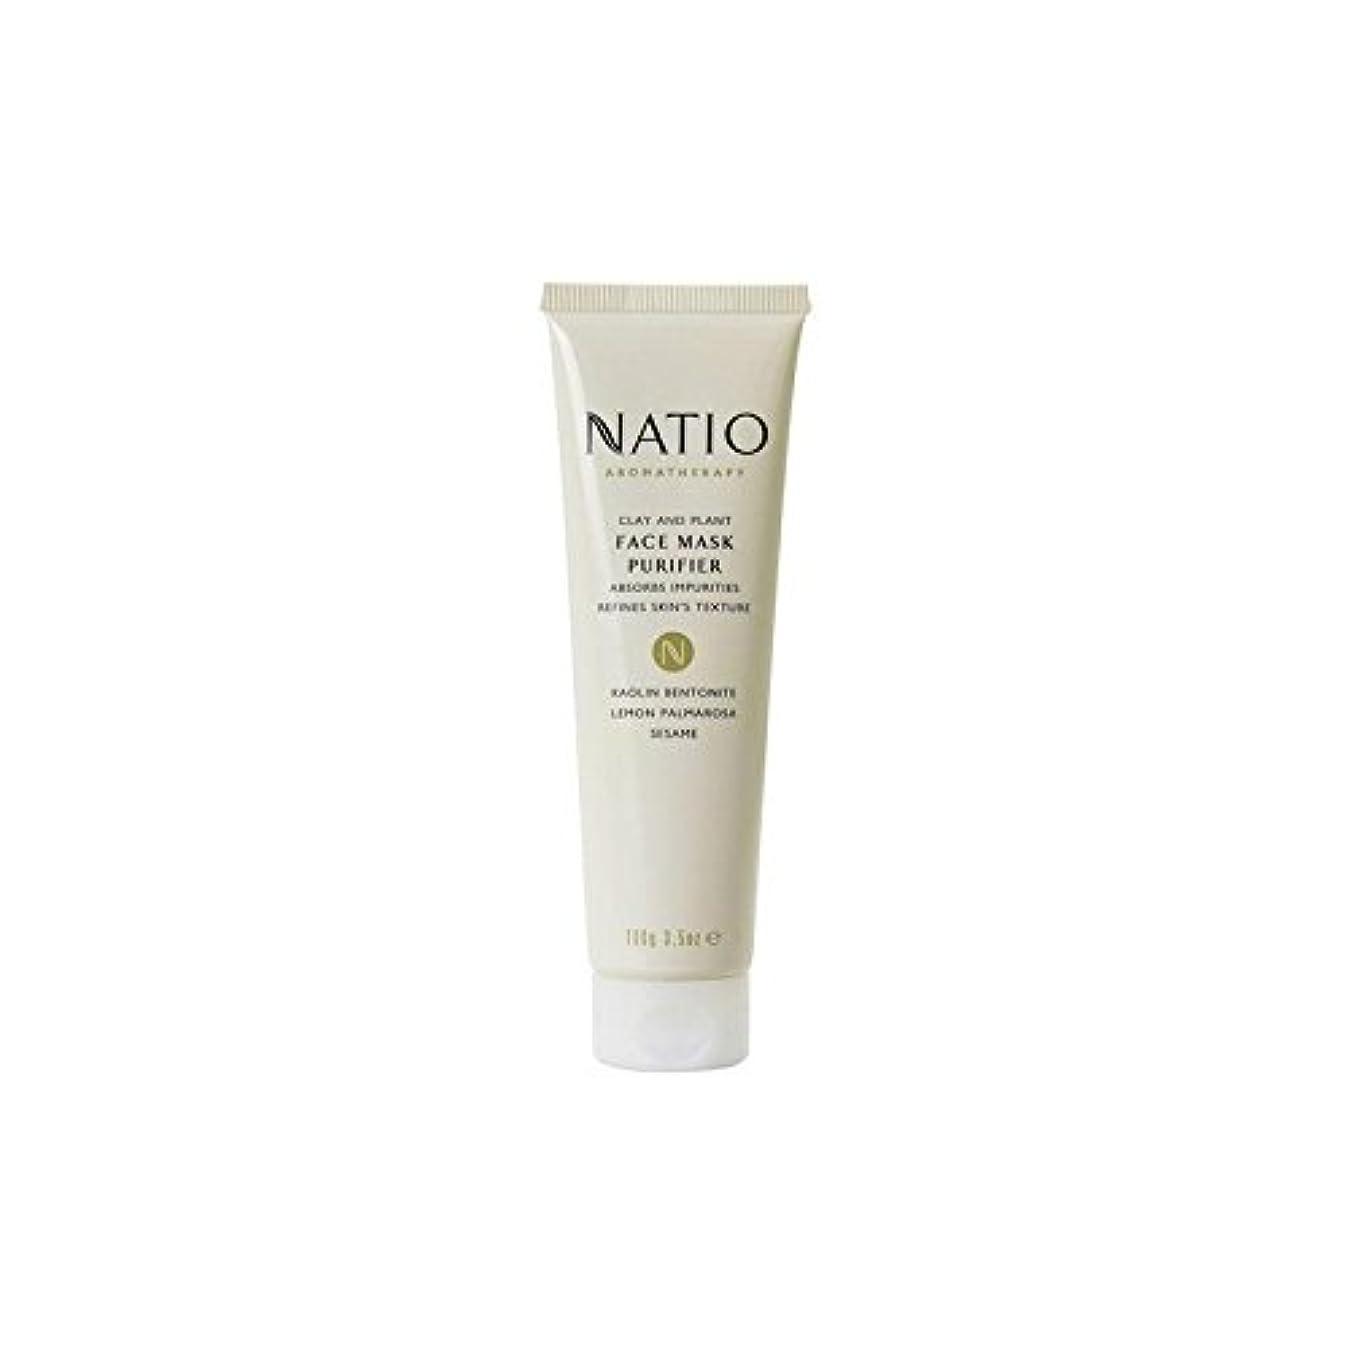 満たす本体退屈させる粘土&植物フェイスマスクの浄化(100グラム) x4 - Natio Clay & Plant Face Mask Purifier (100G) (Pack of 4) [並行輸入品]